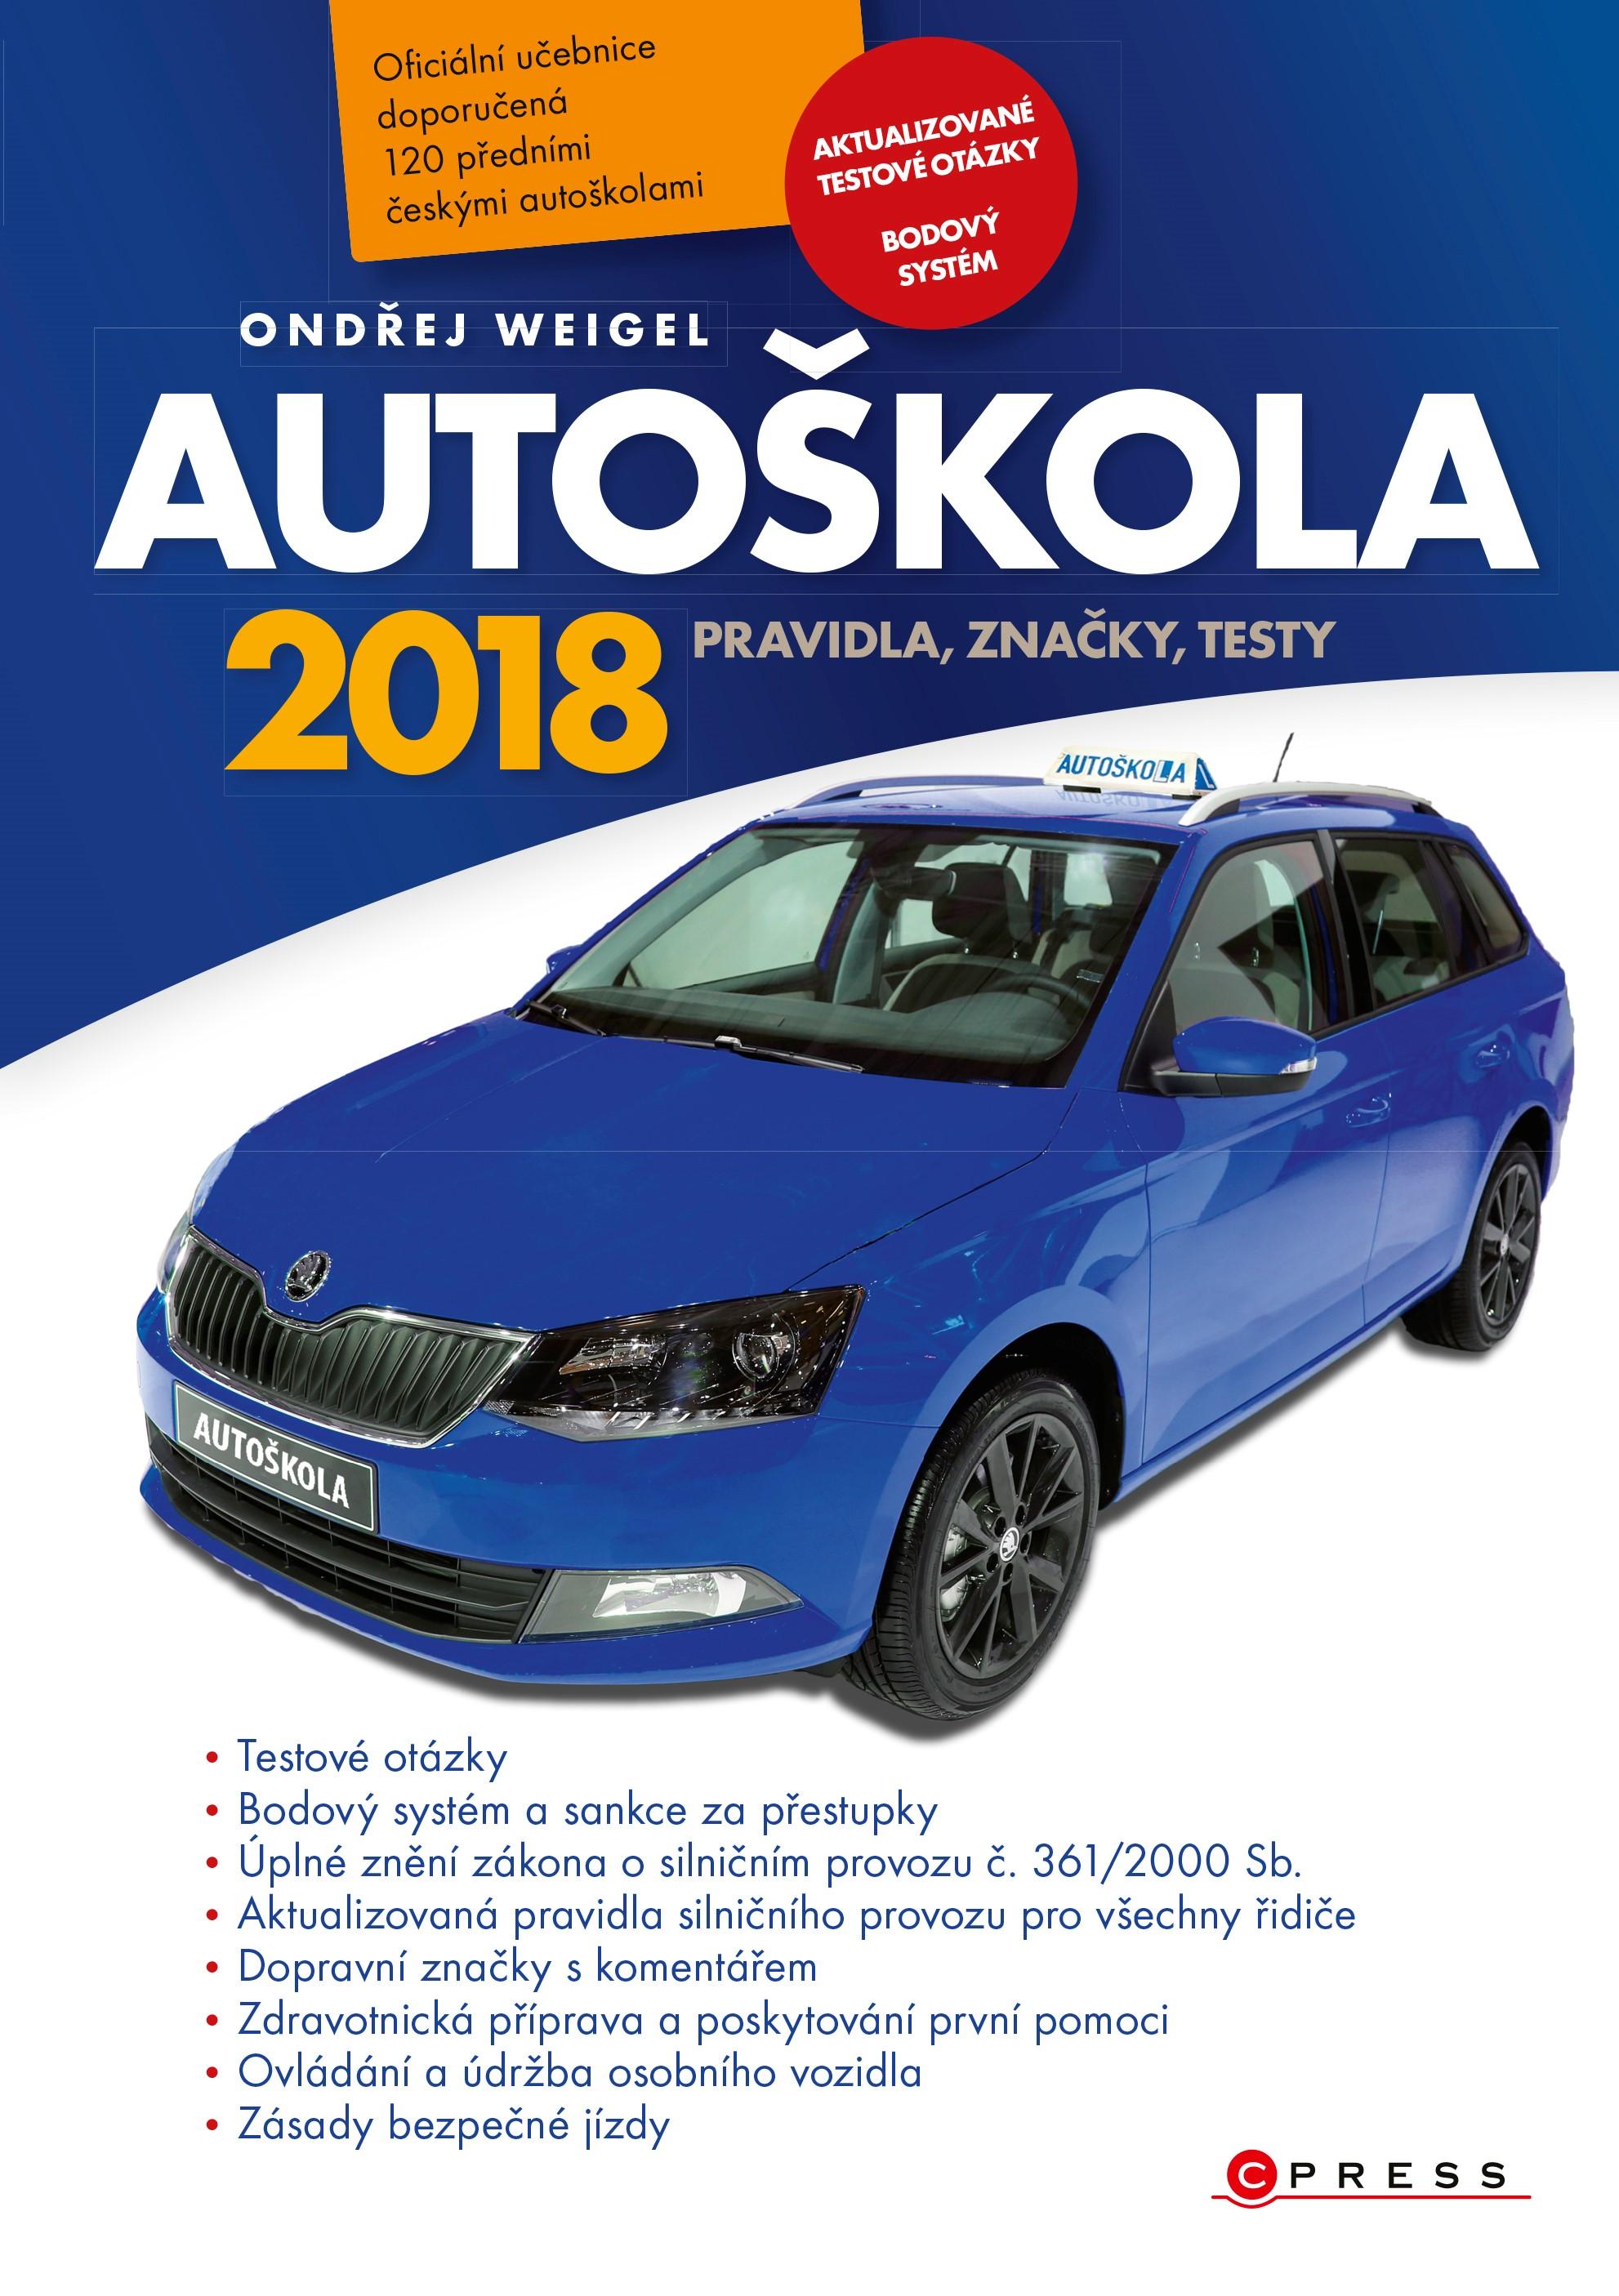 Autoškola 2018